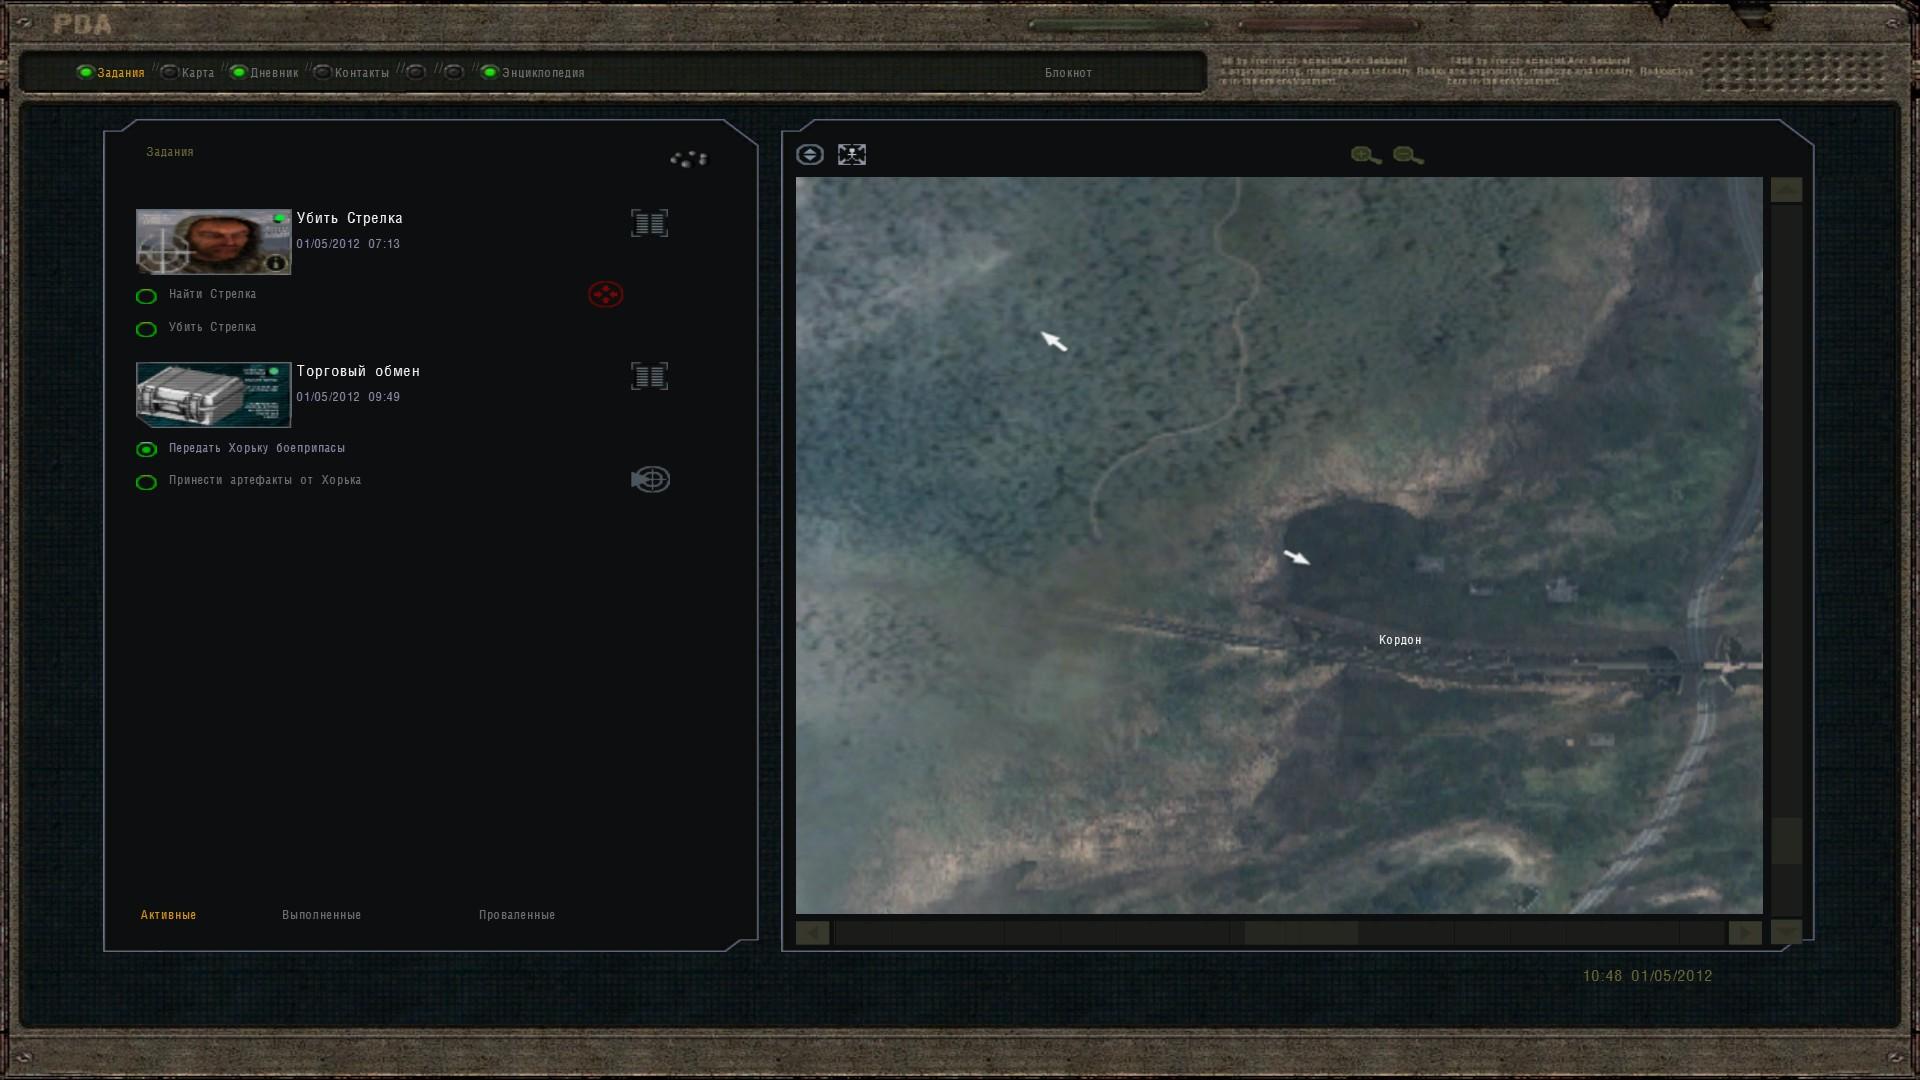 Oblivion Lost Remake 2.5 image 29